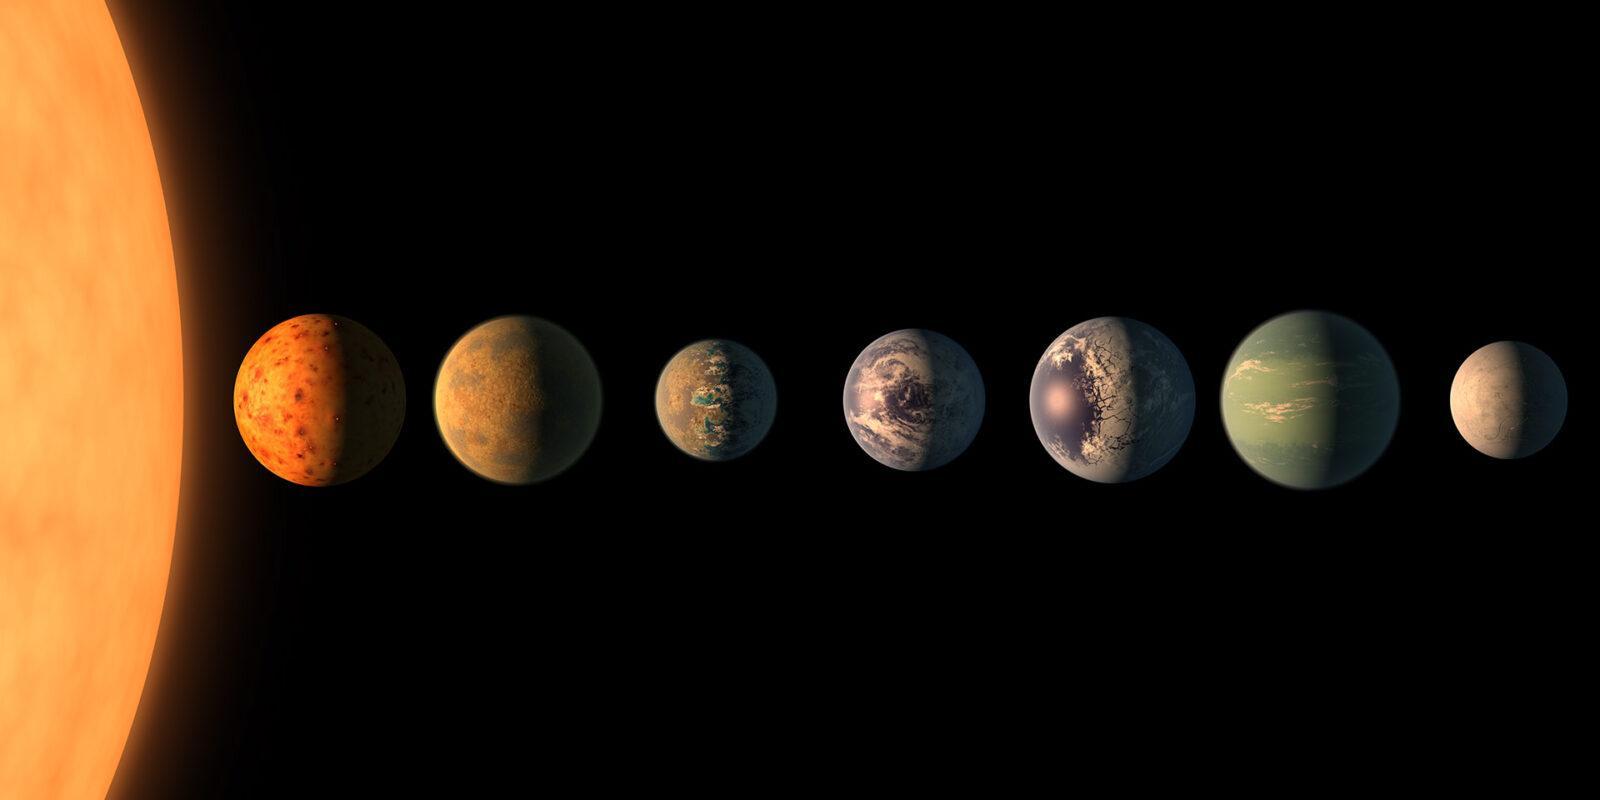 Искусственный интеллект в виде новой модели под названием SPOCK, предсказывает стабильность планетной системы